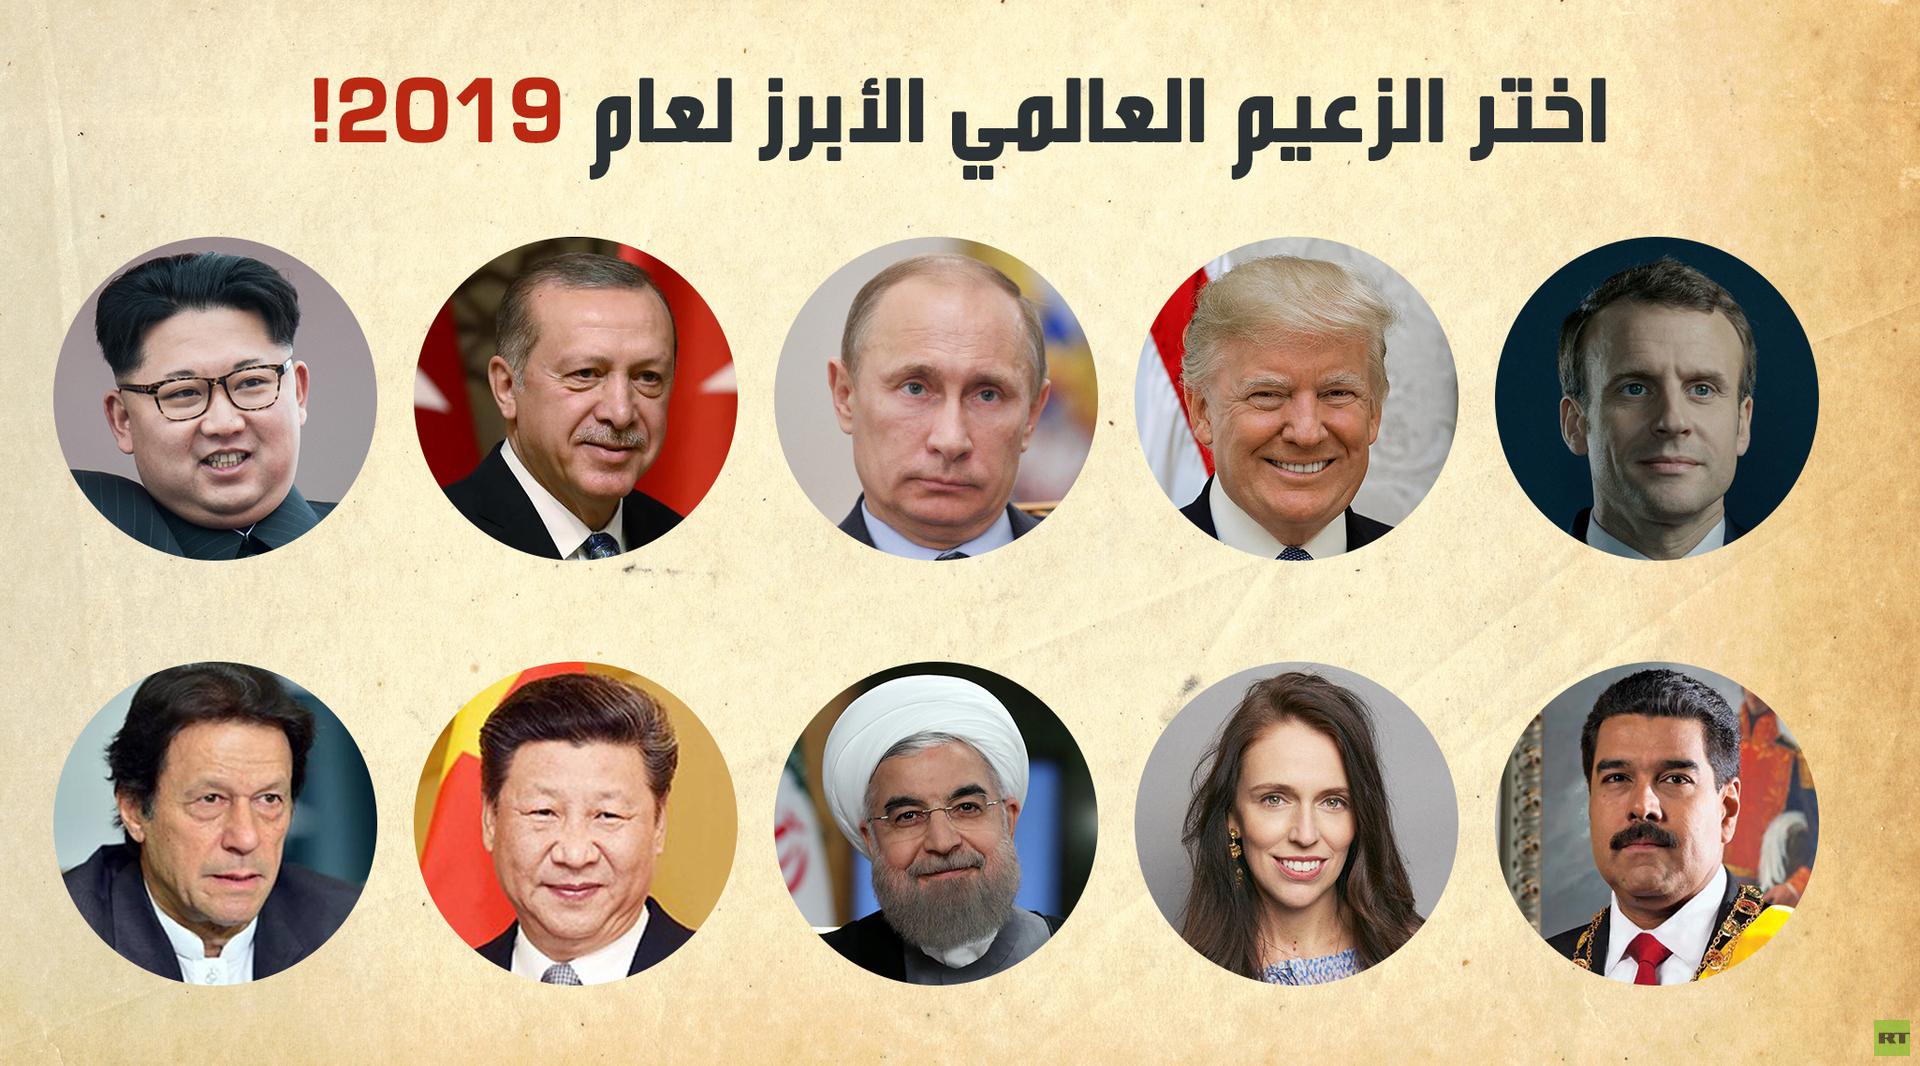 الزعيم العالمي الأبرز للعام 2019